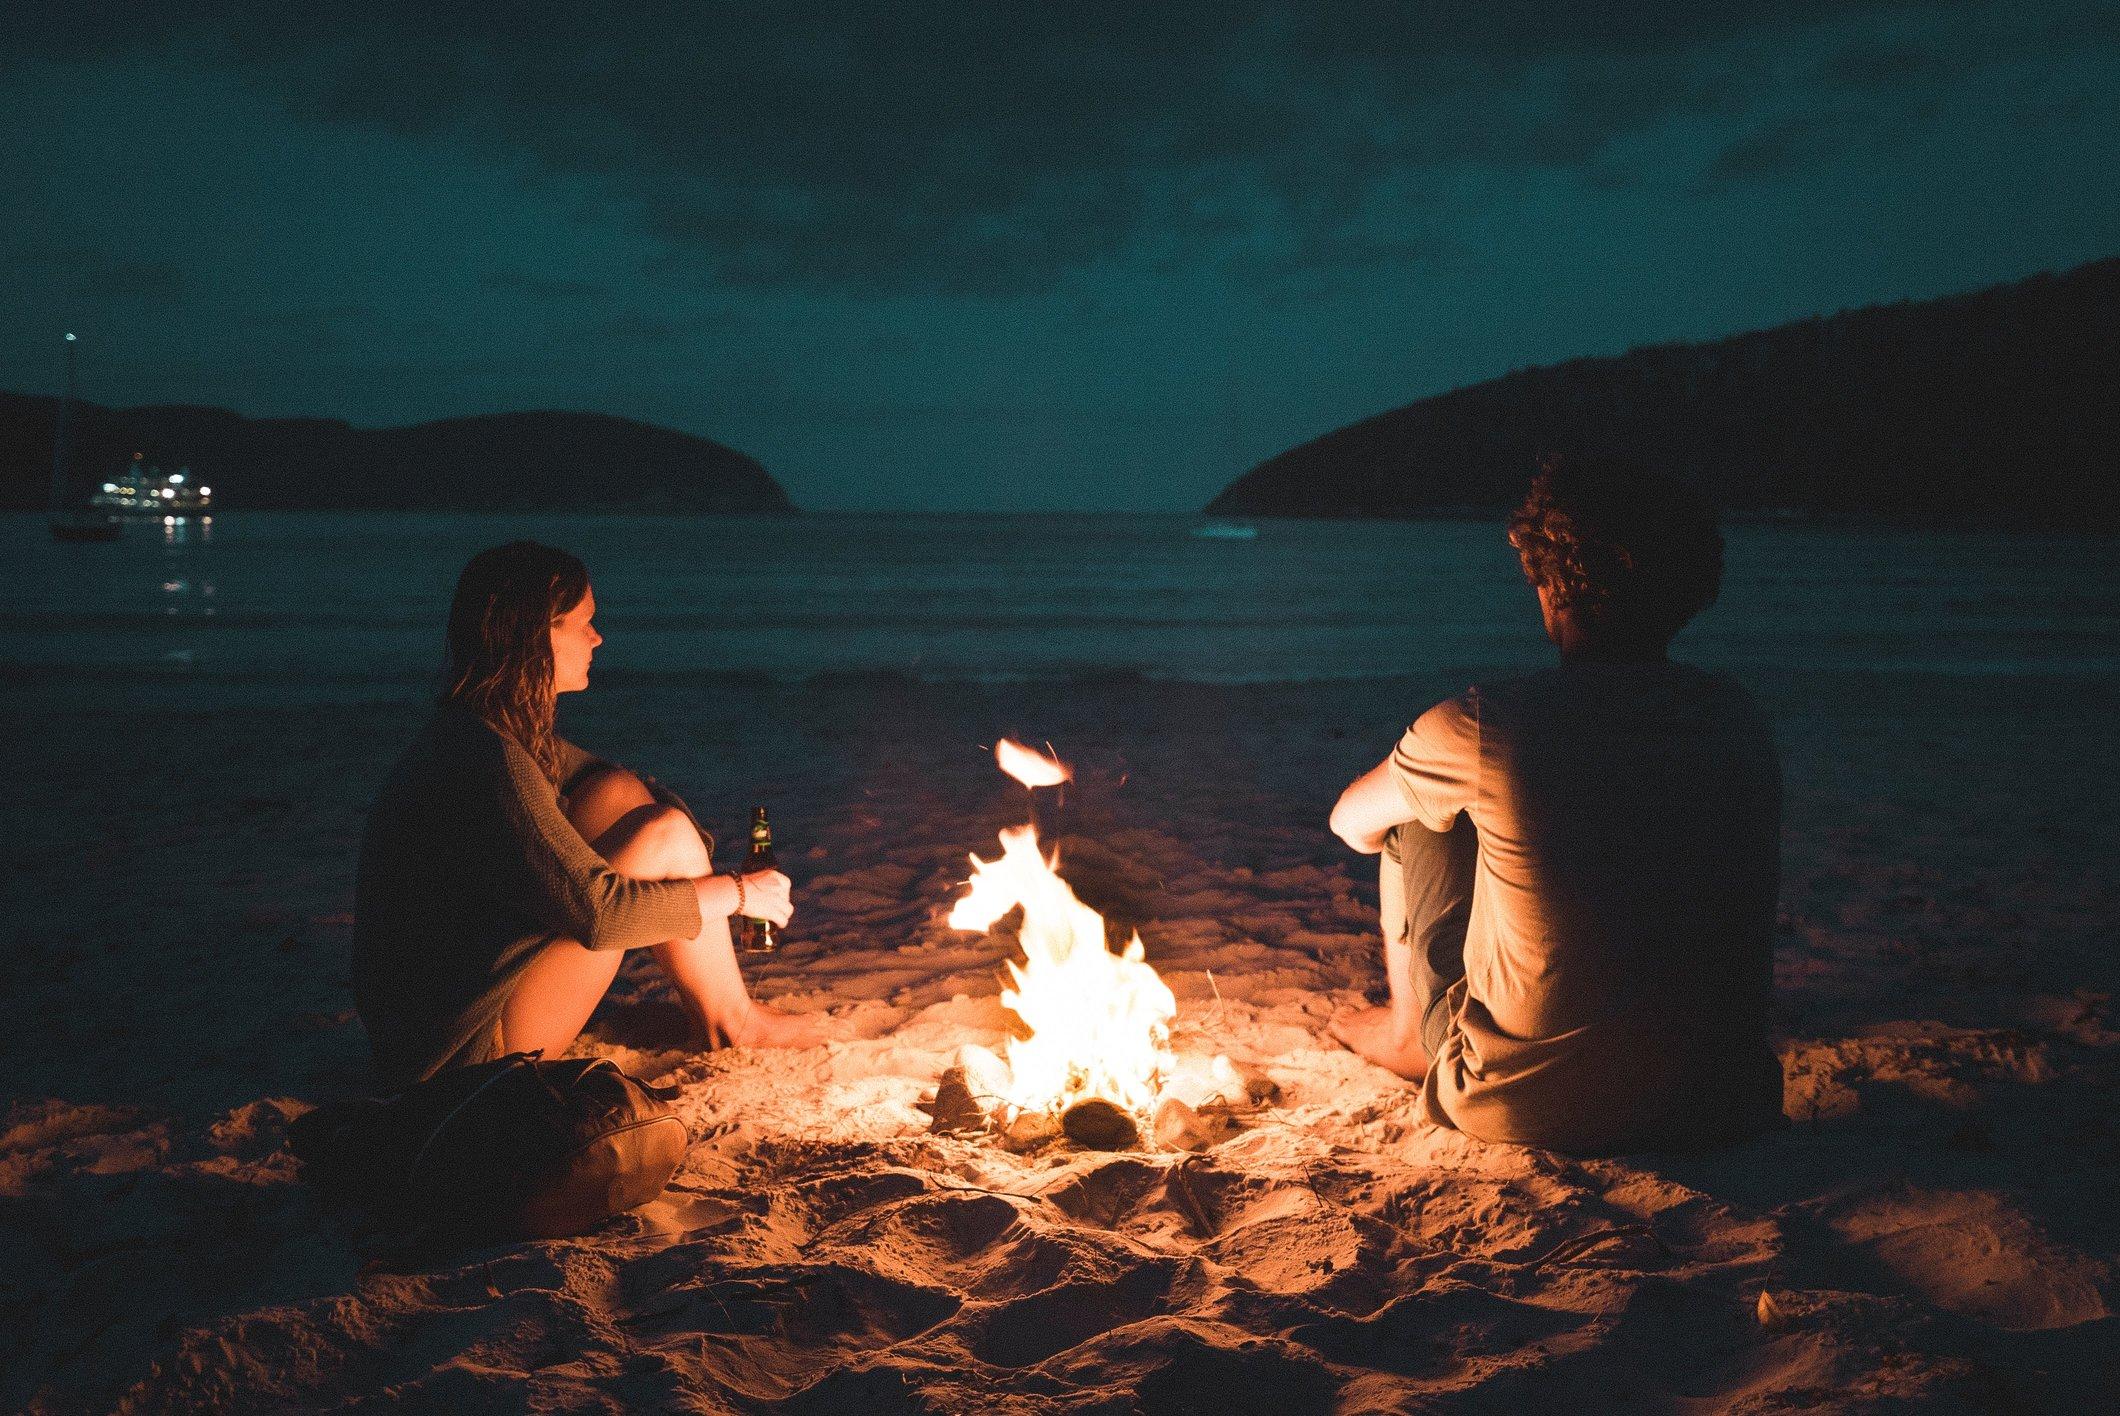 cung hoàng đạo hai người ngồi bên đống lửa